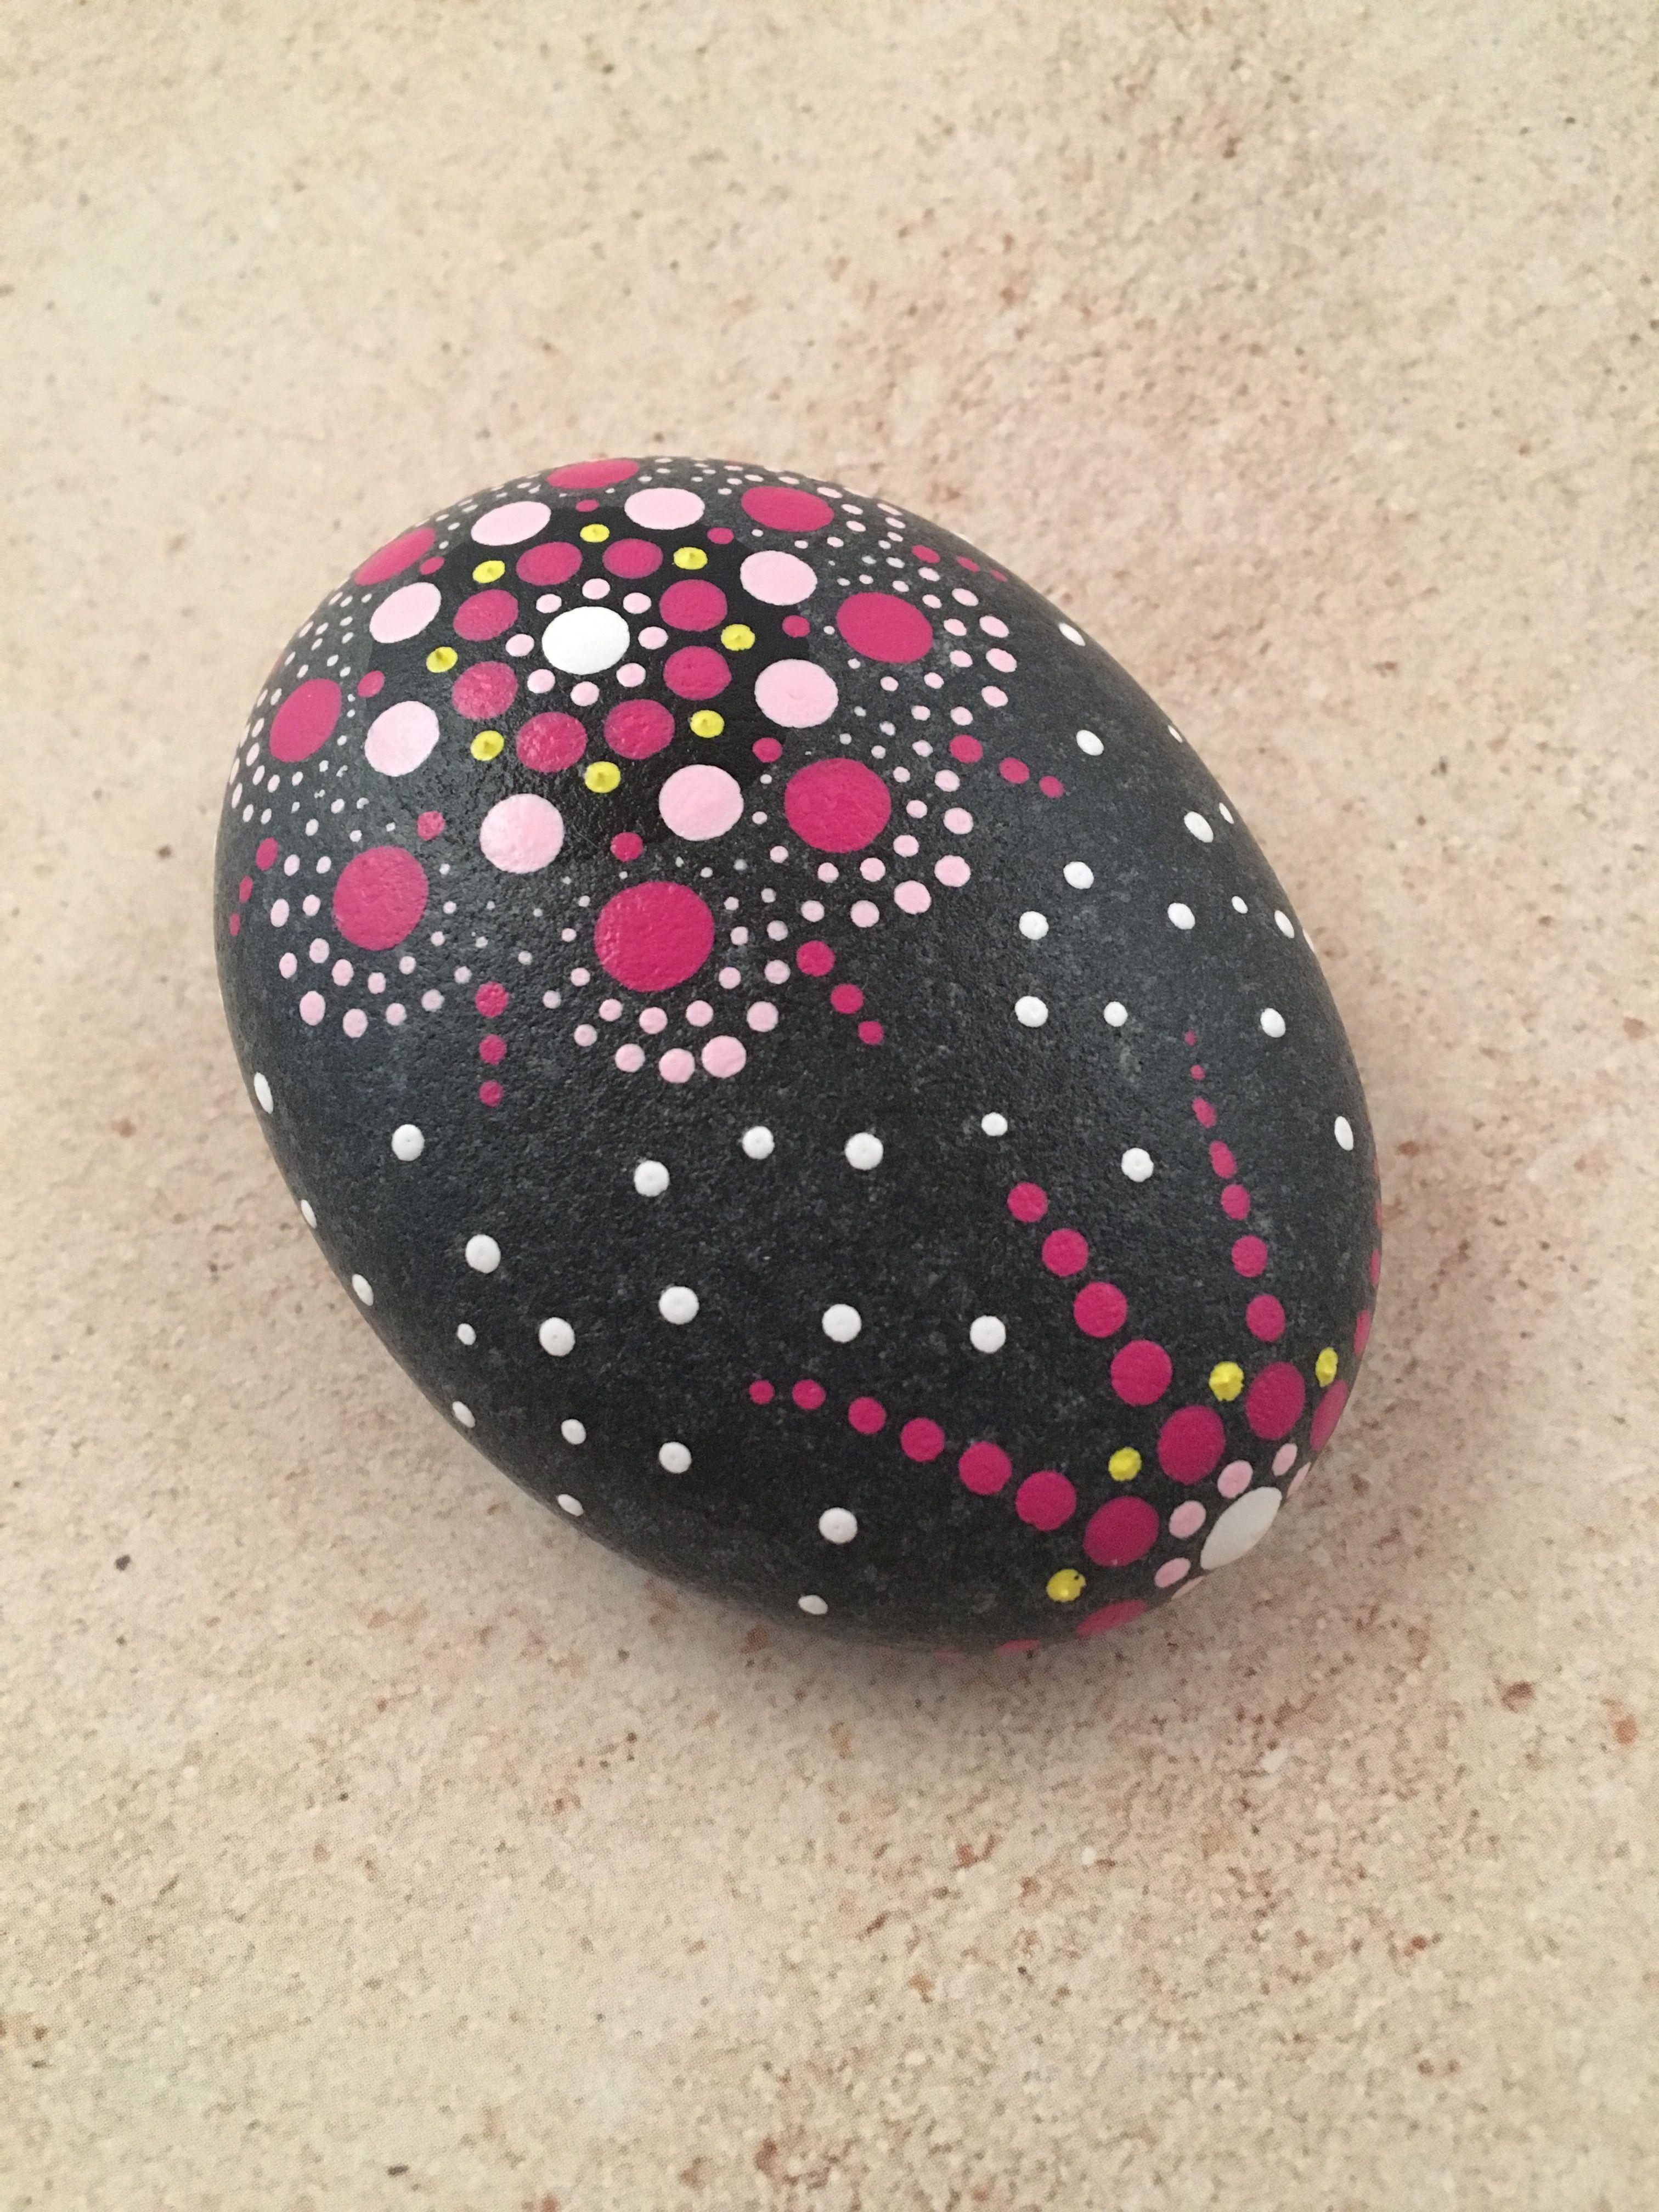 Mandala Stone Art Painted Rocks Ideas Mandala Paint Art Design